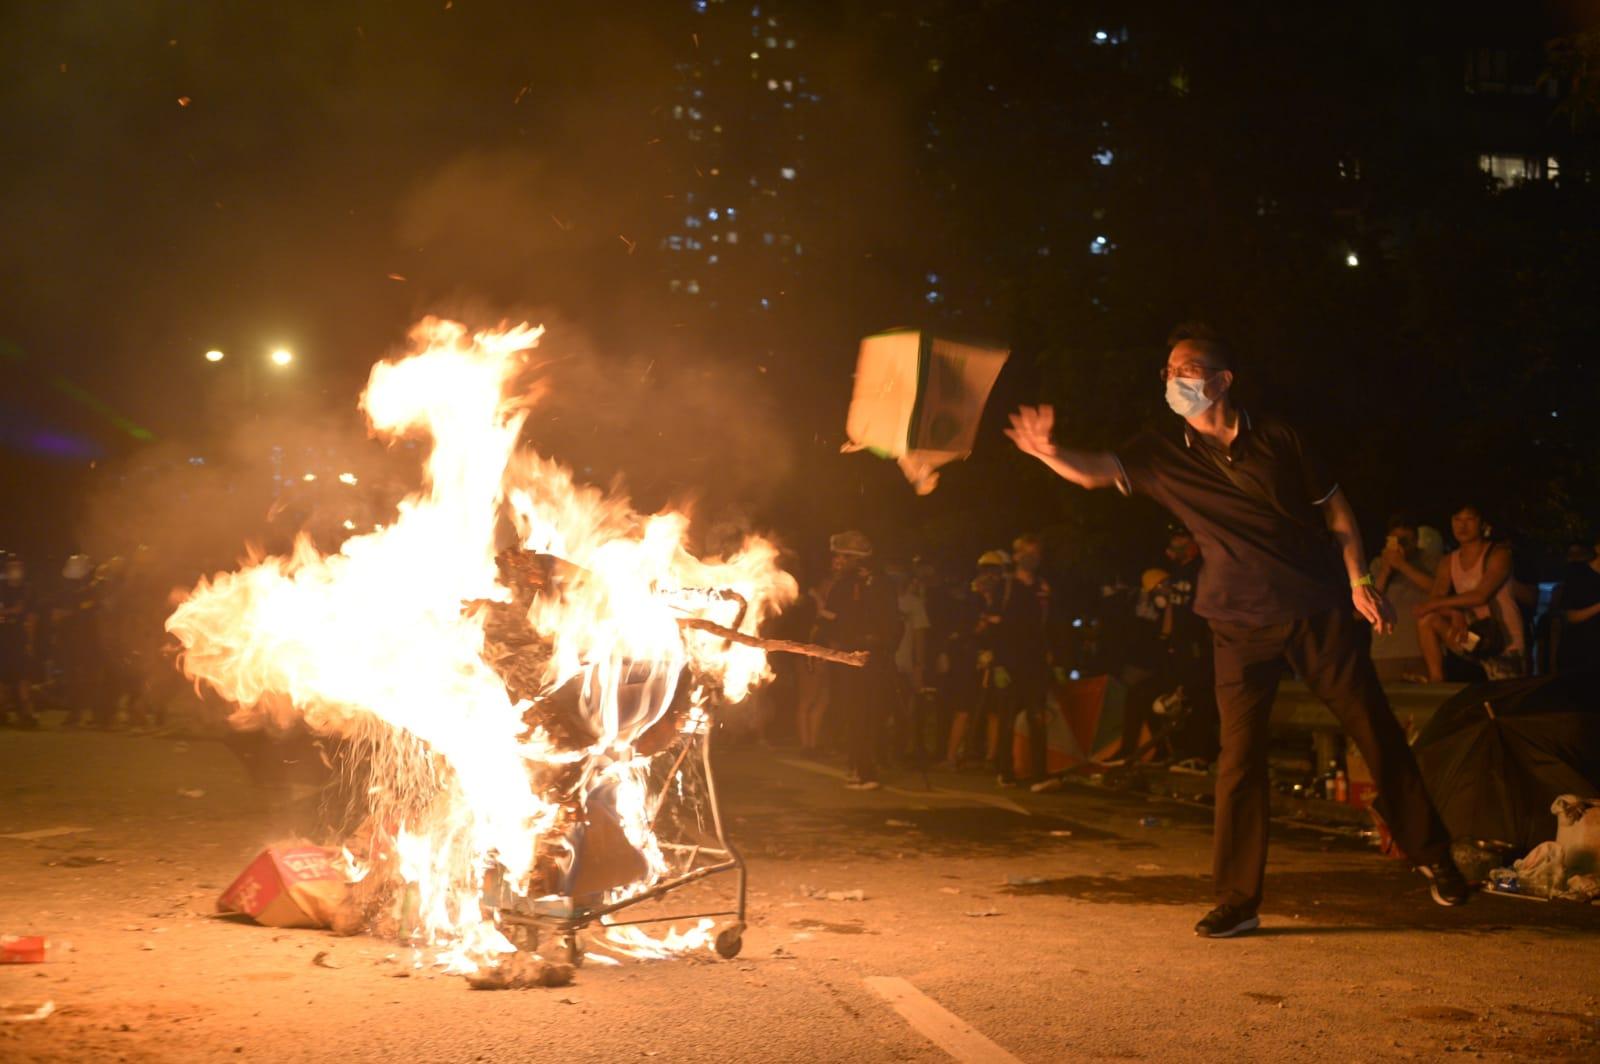 人民日報批評香港一些激進暴力分子依然以反對修例為幌子,持續製造暴力事件。資料圖片